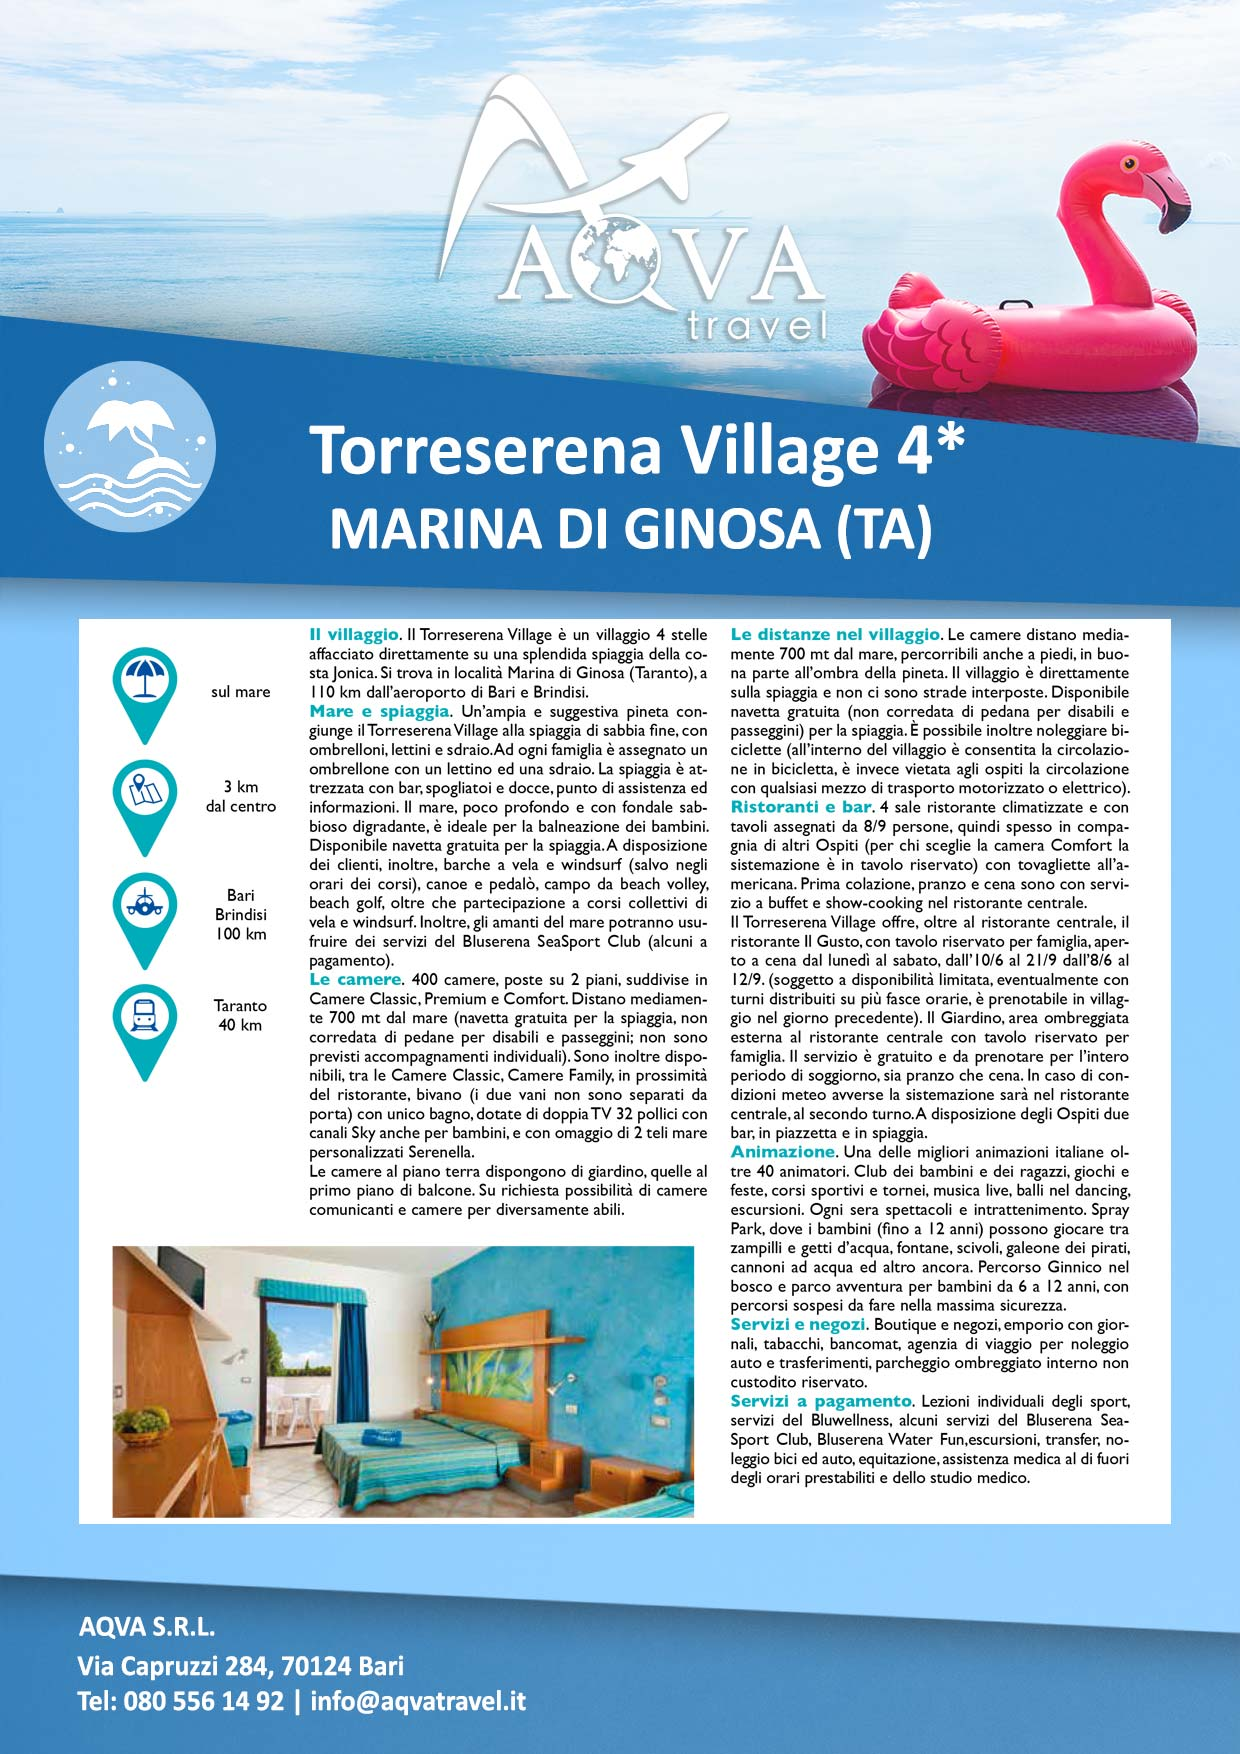 Torreserena-Village-4✶-MARINA-DI-GINOSA-(TA)-Mare-offerte-agenzia-di-viaggi-Bari-AQVATRAVEL-it